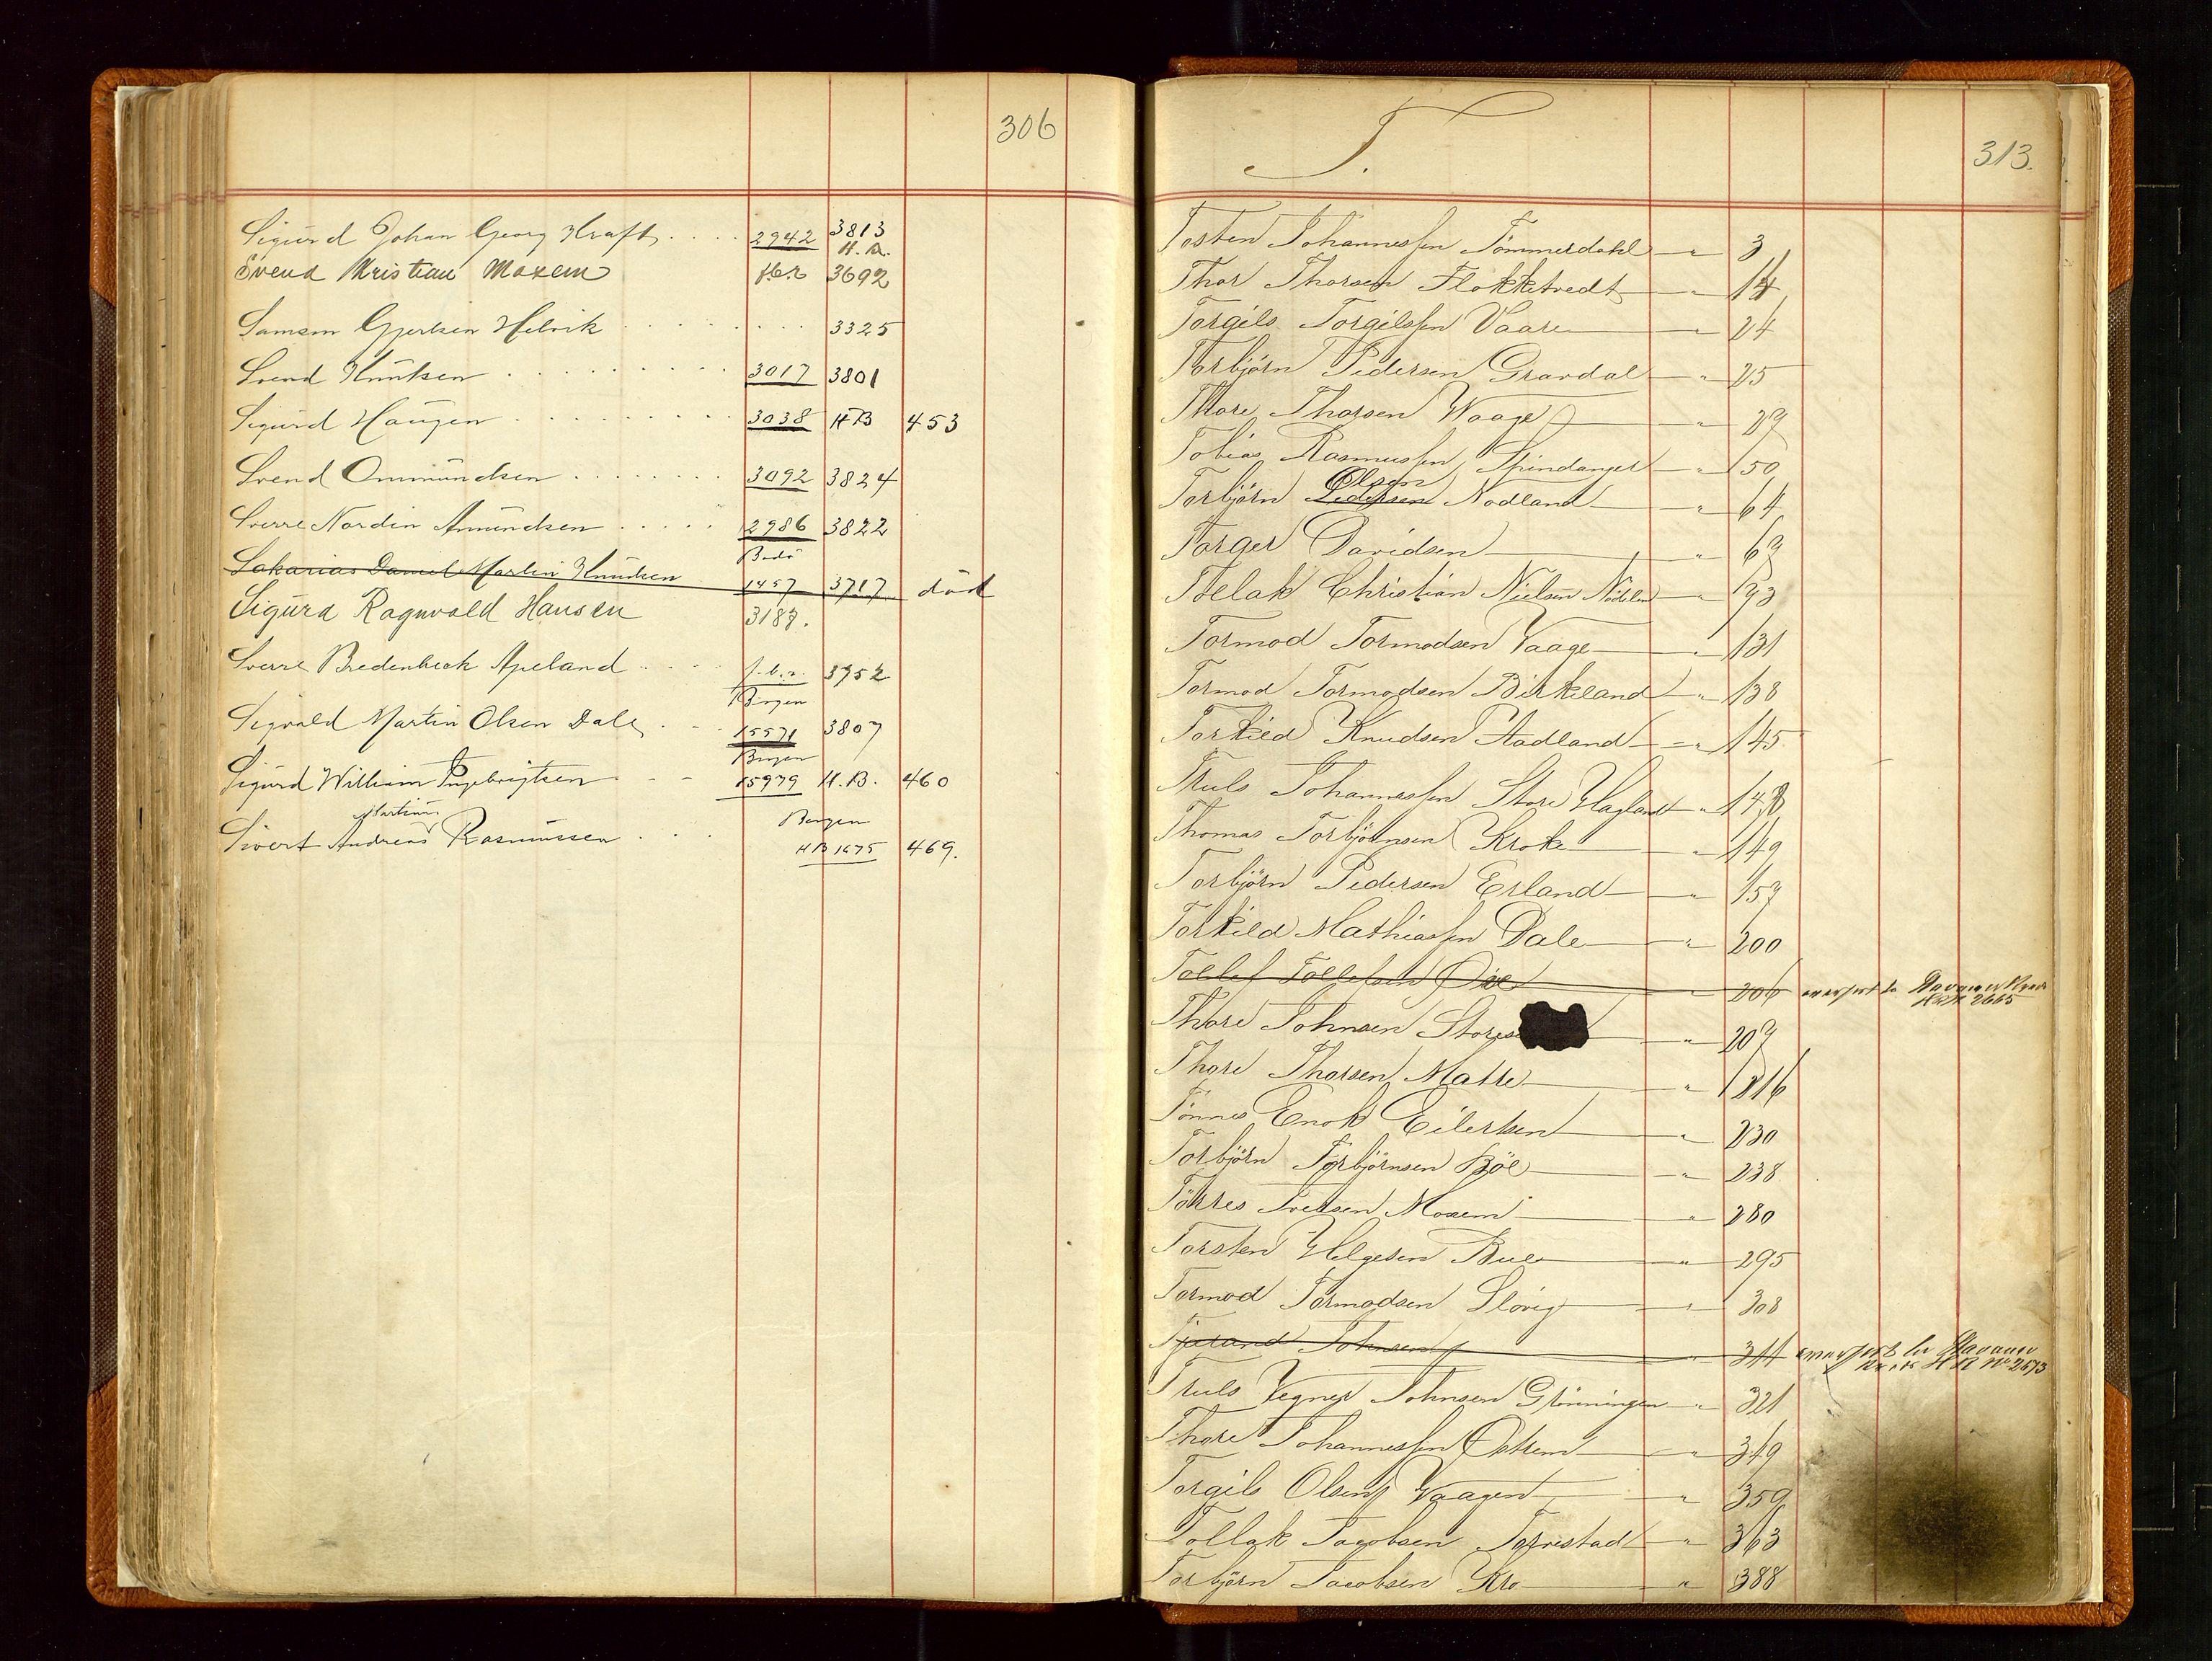 SAST, Haugesund sjømannskontor, F/Fb/Fba/L0002: Navneregister med henvisning til rullenummer (fornavn) Skudenes krets, 1860-1948, s. 313